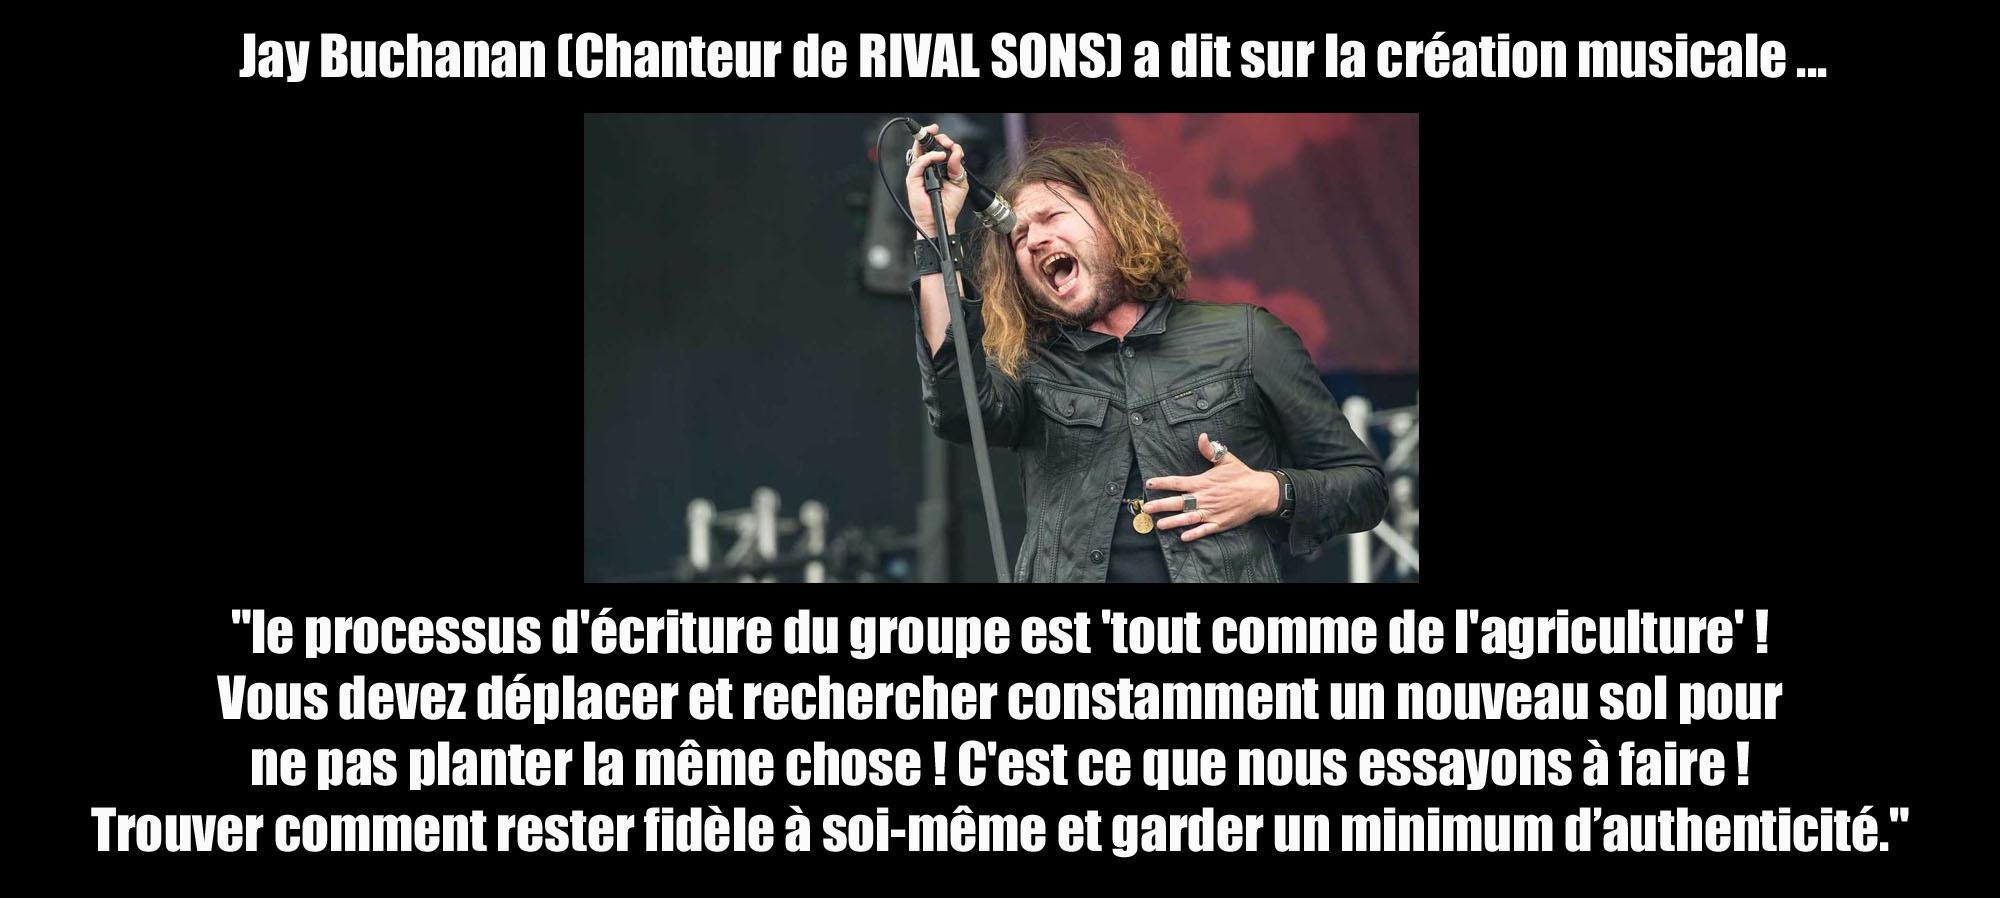 Jay Buchanan (Chanteur de RIVAL SONS) a dit ... sur la création musicale Rivals10